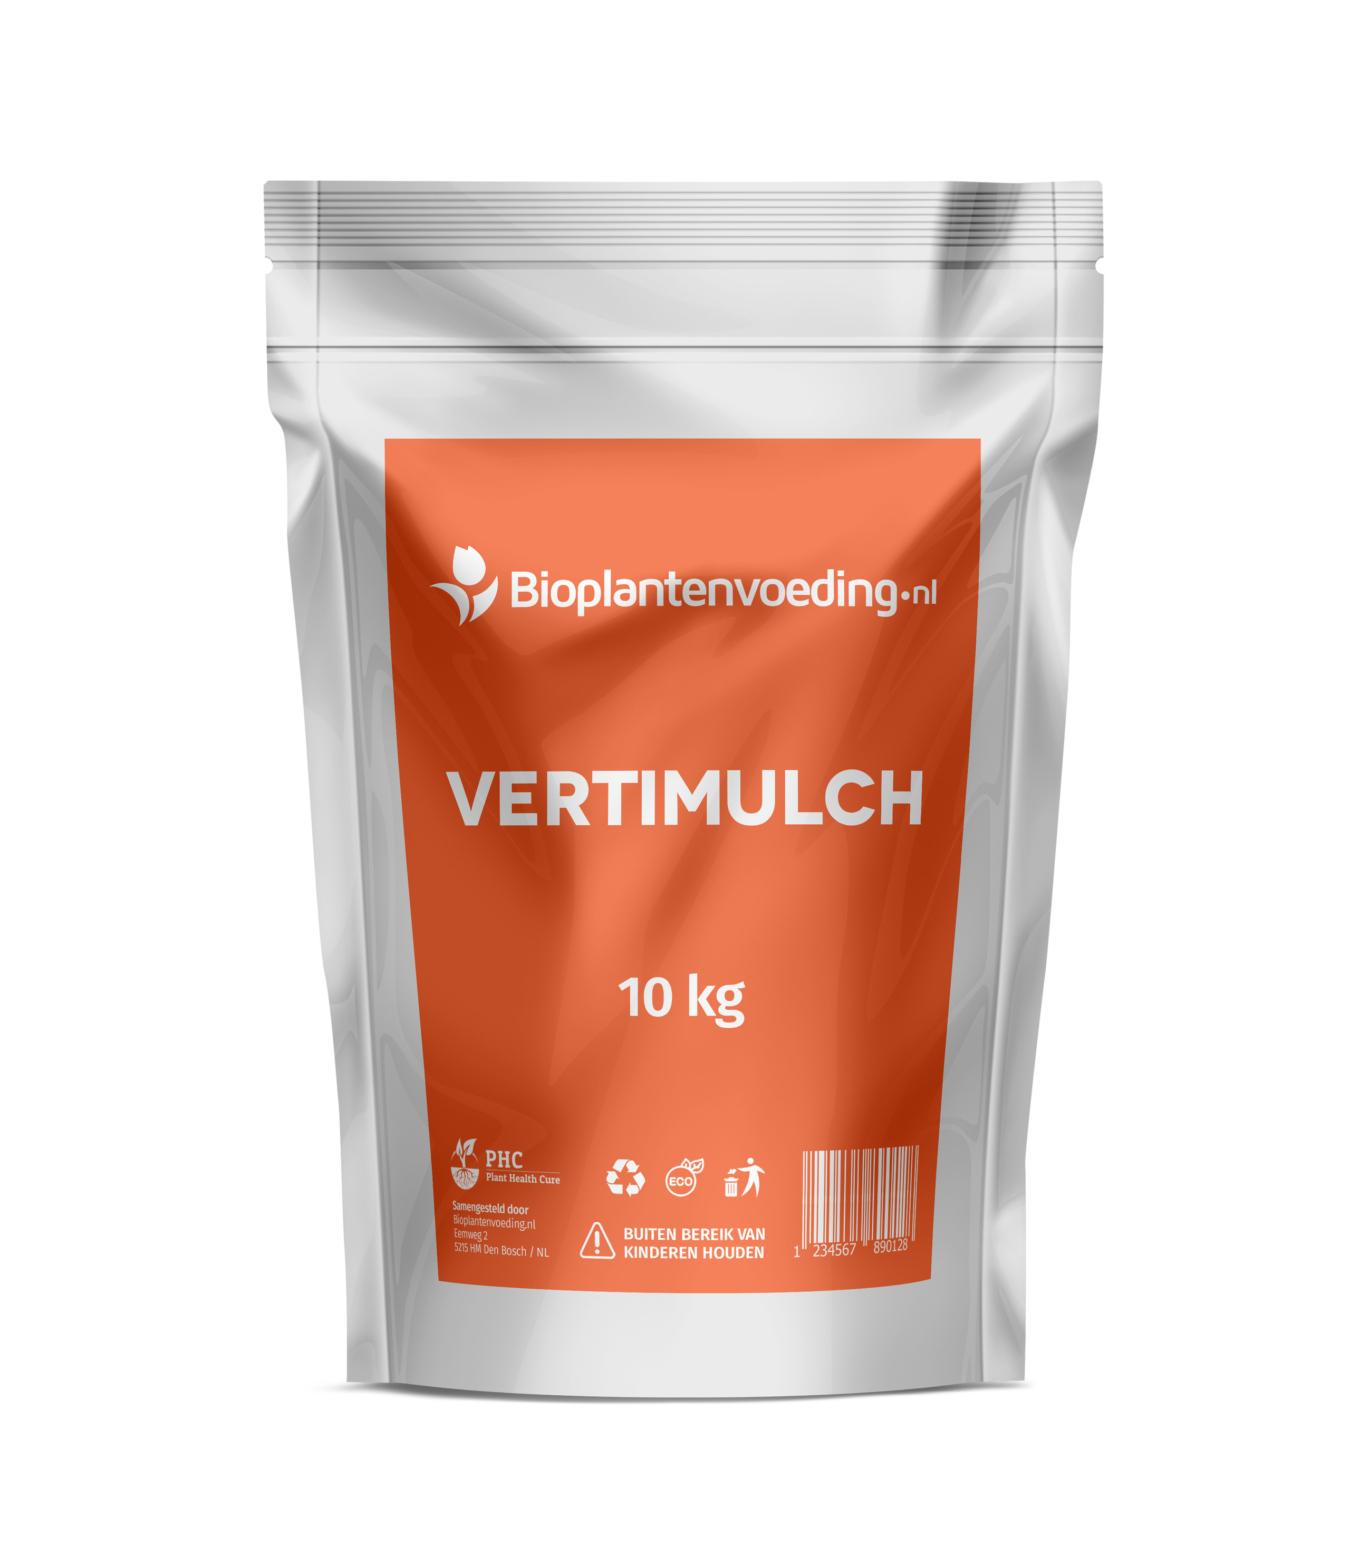 Koop Vertimulch – 10 kg